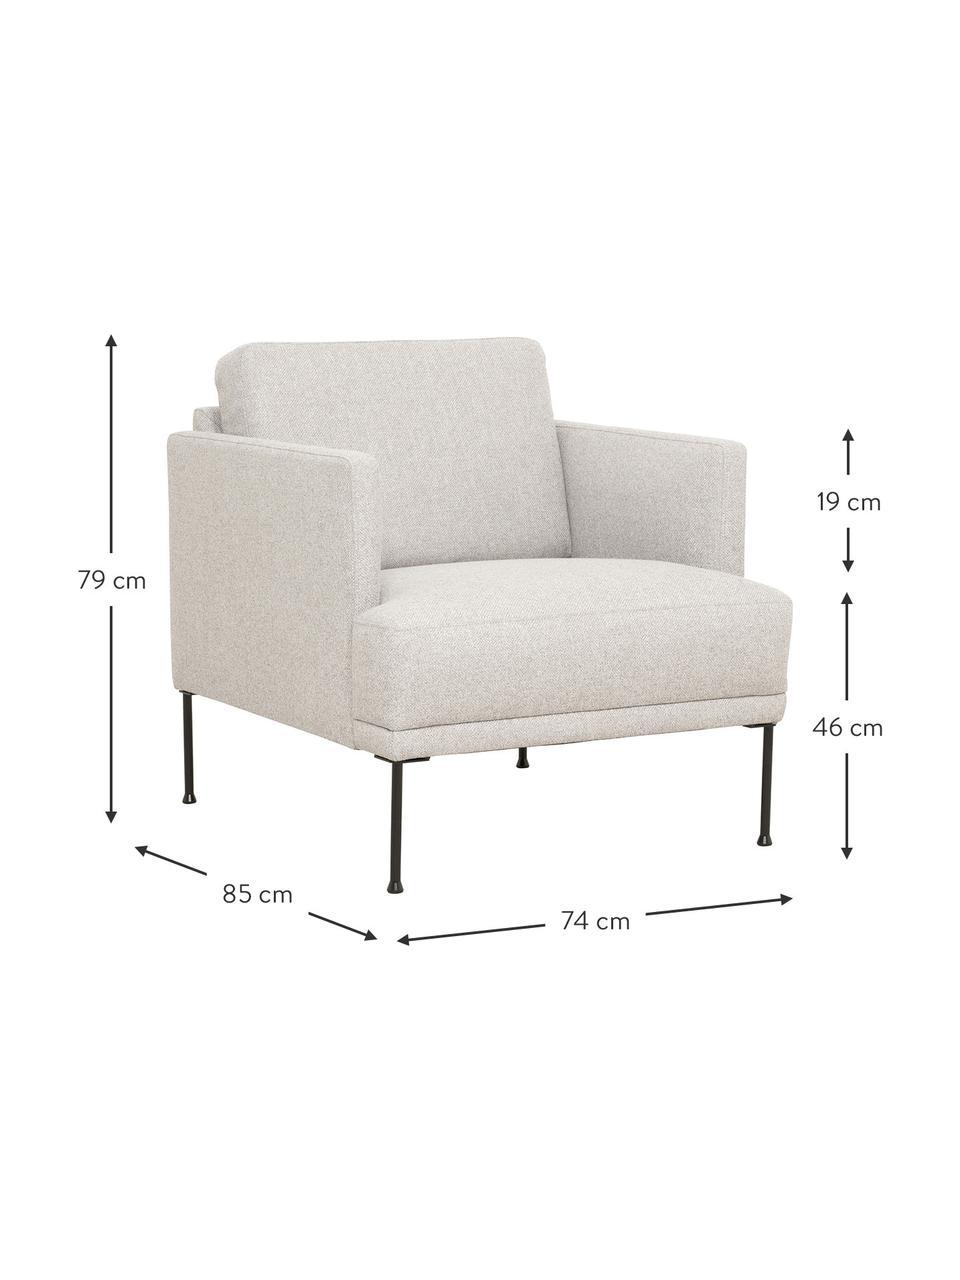 Sessel Fluente in Beige mit Metall-Füßen, Bezug: 80% Polyester, 20% Ramie , Gestell: Massives Kiefernholz, Füße: Metall, pulverbeschichtet, Webstoff Beige, B 74 x T 85 cm